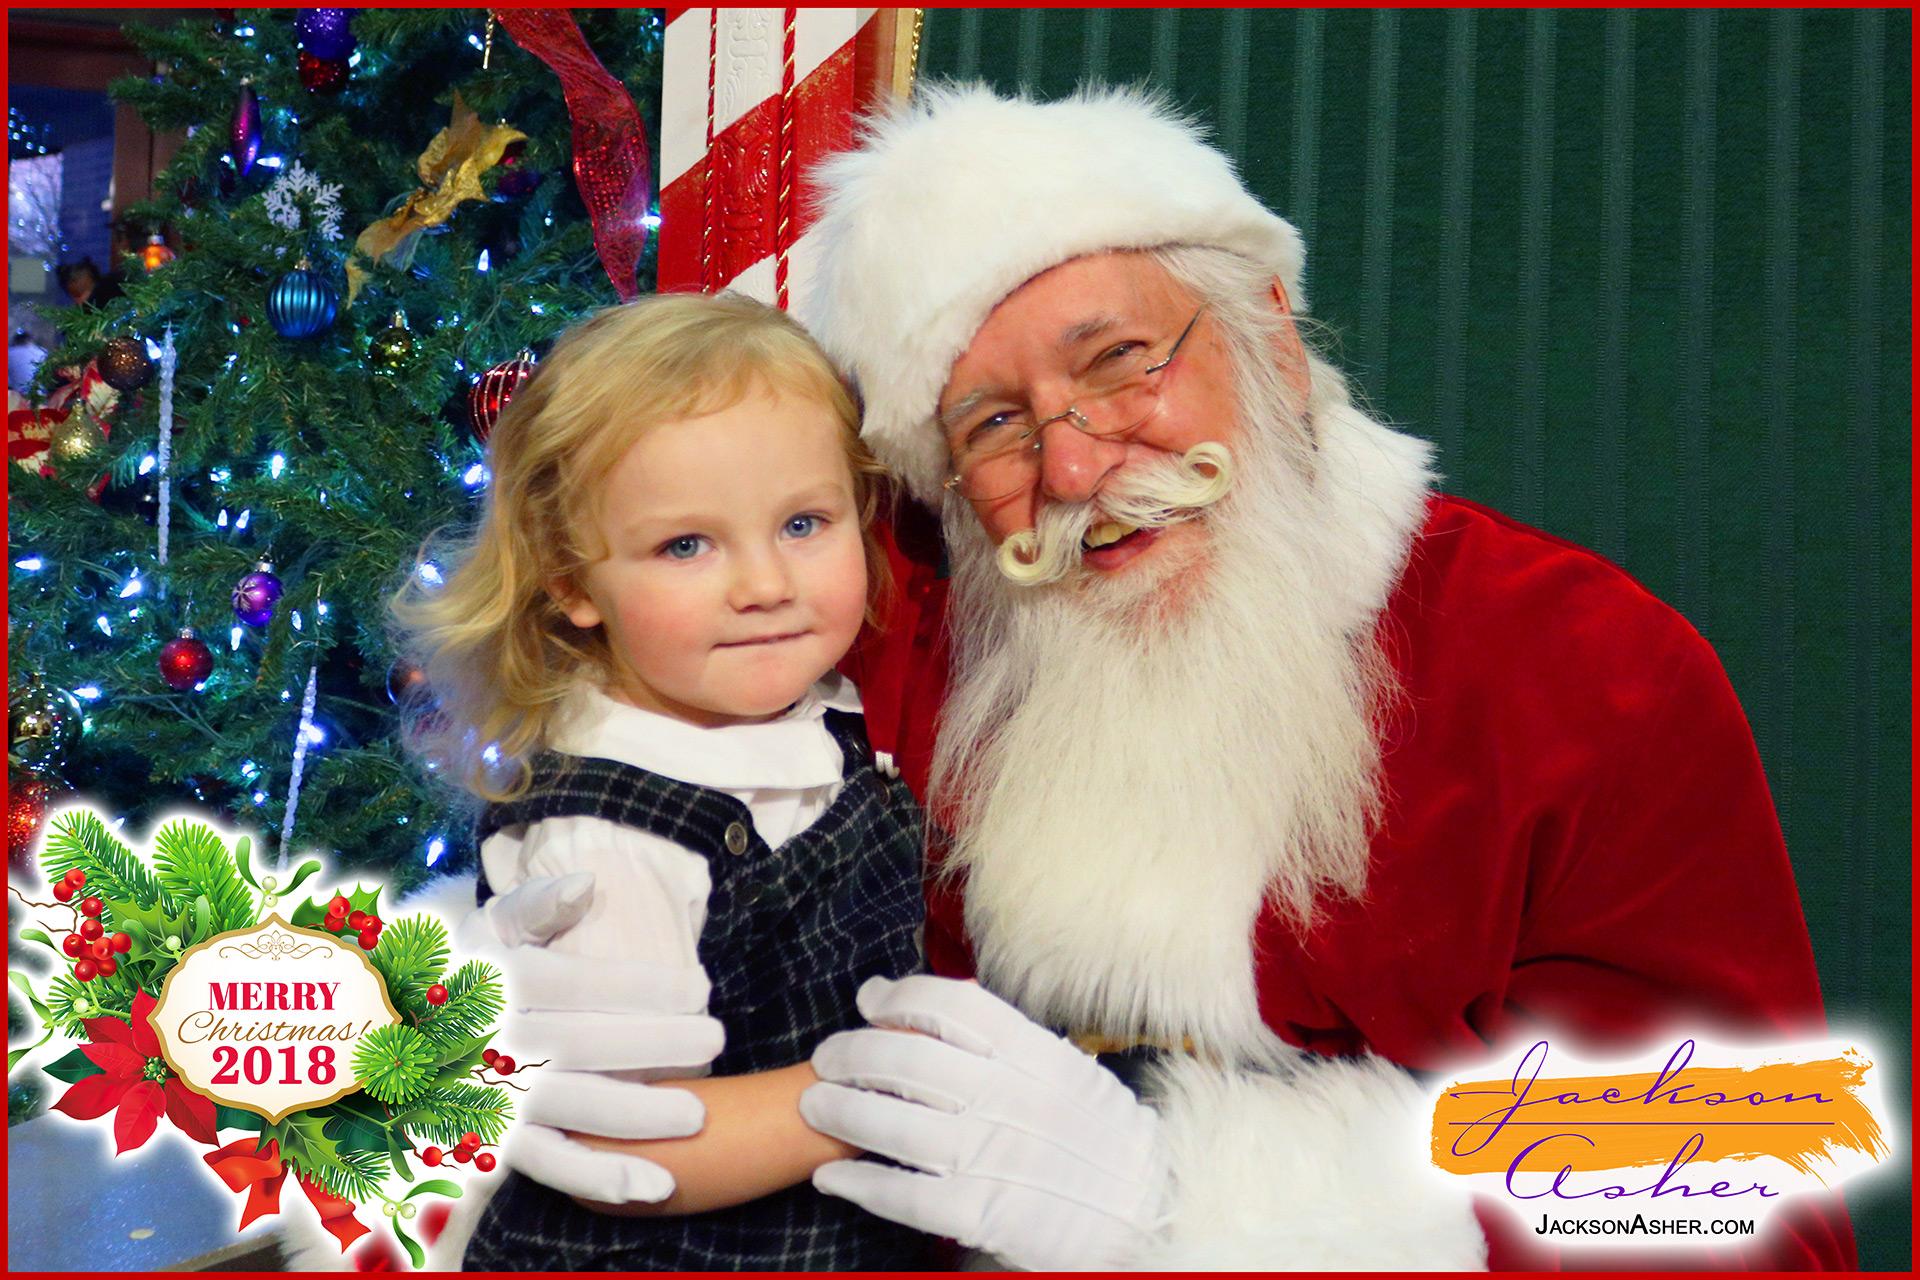 Jackson-Asher-Christmas2018-3.jpg